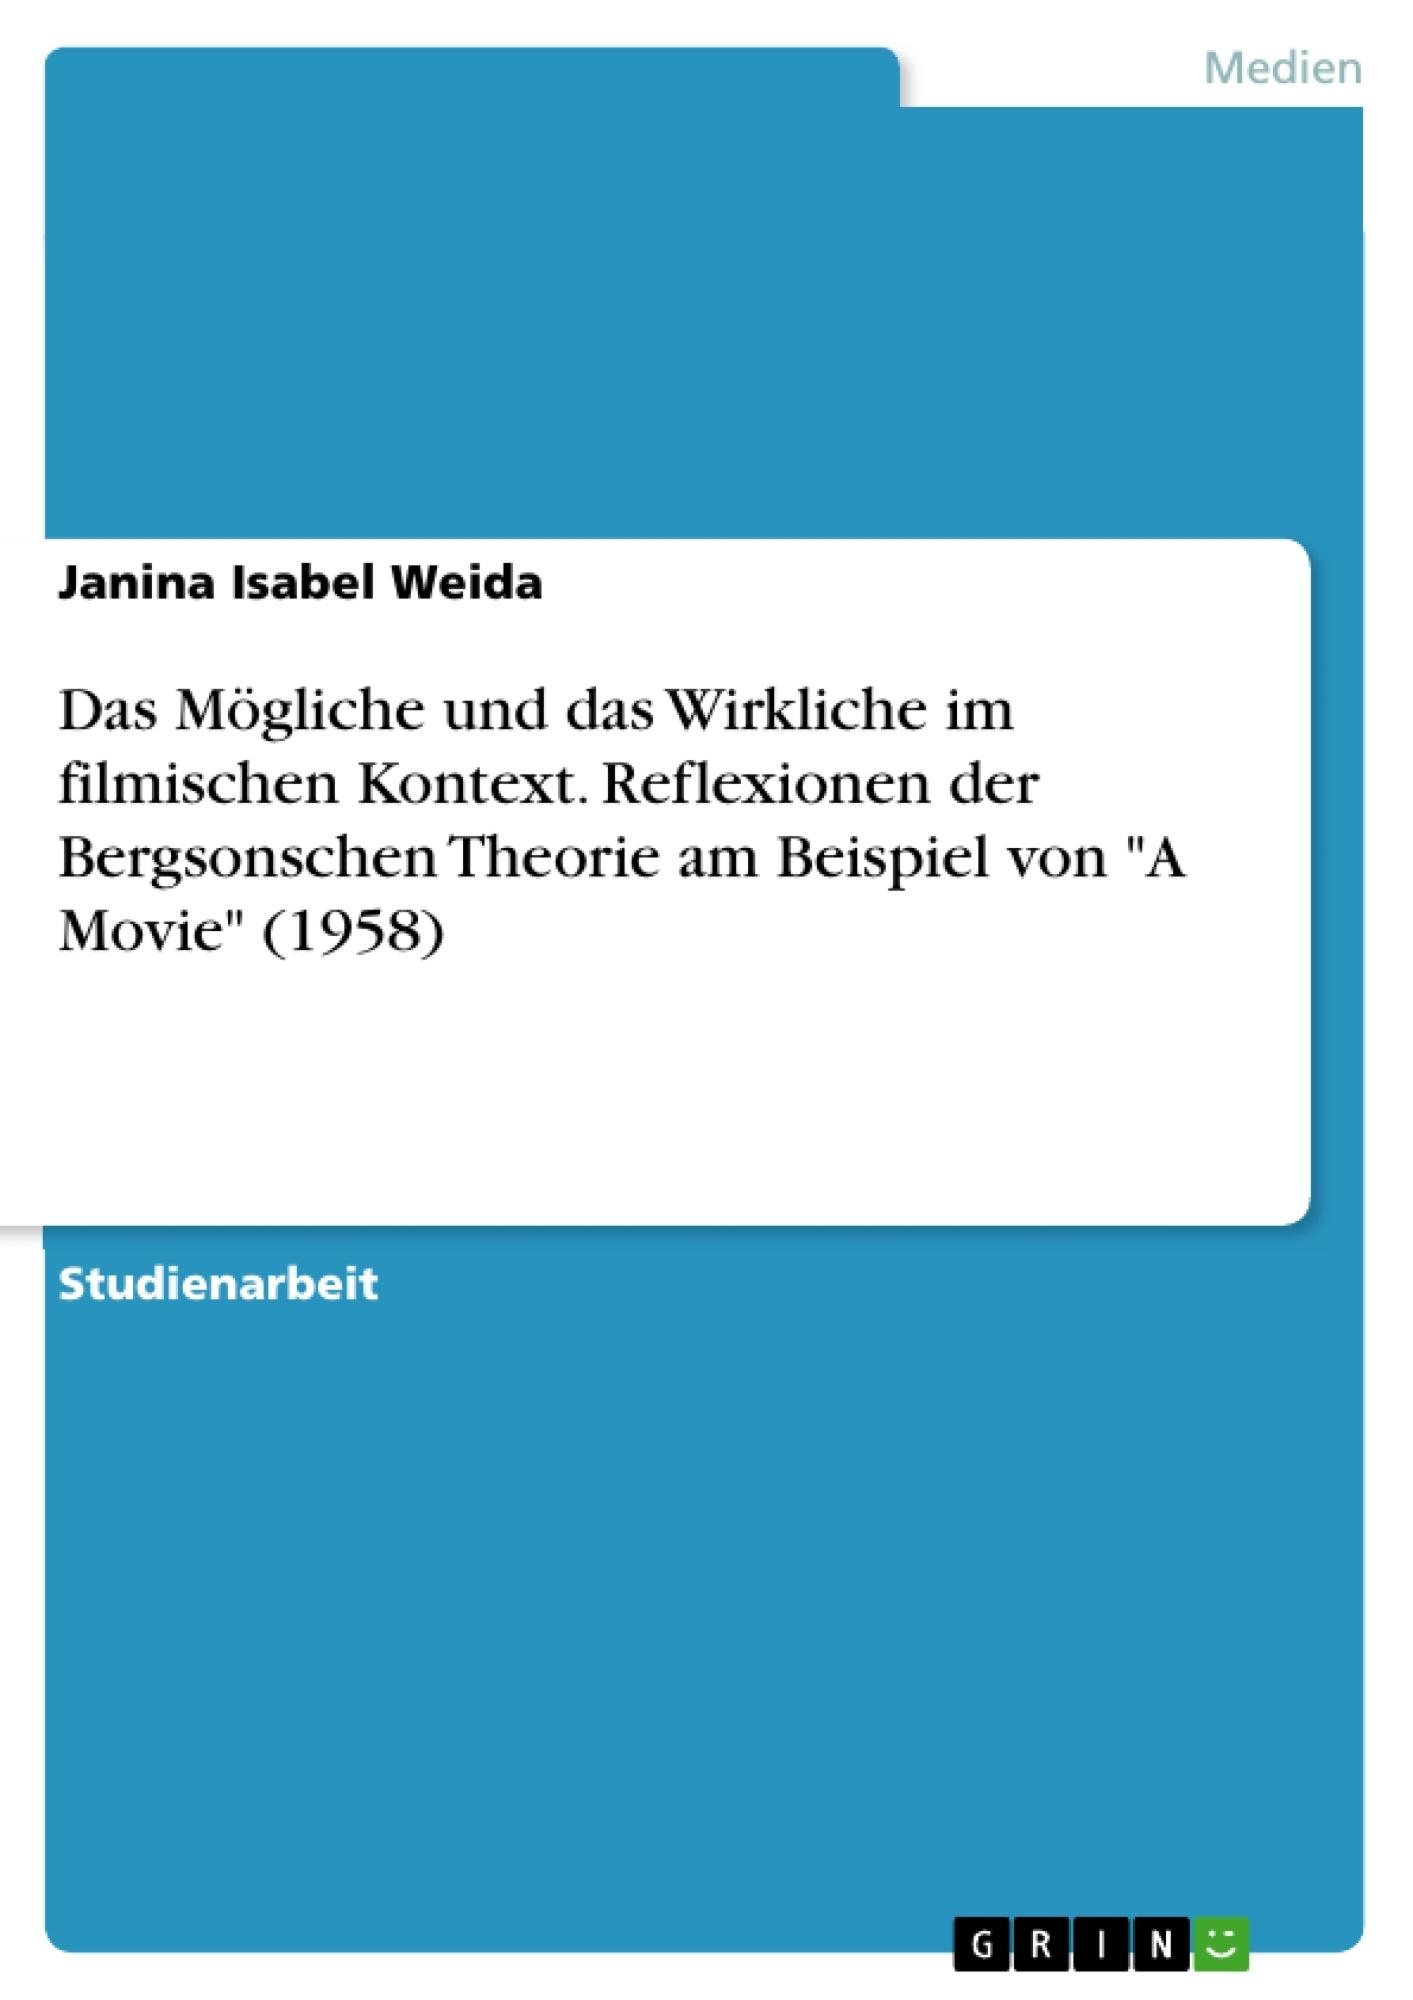 """Titel: Das Mögliche und das Wirkliche im filmischen Kontext. Reflexionen der Bergsonschen Theorie am Beispiel von """"A Movie"""" (1958)"""